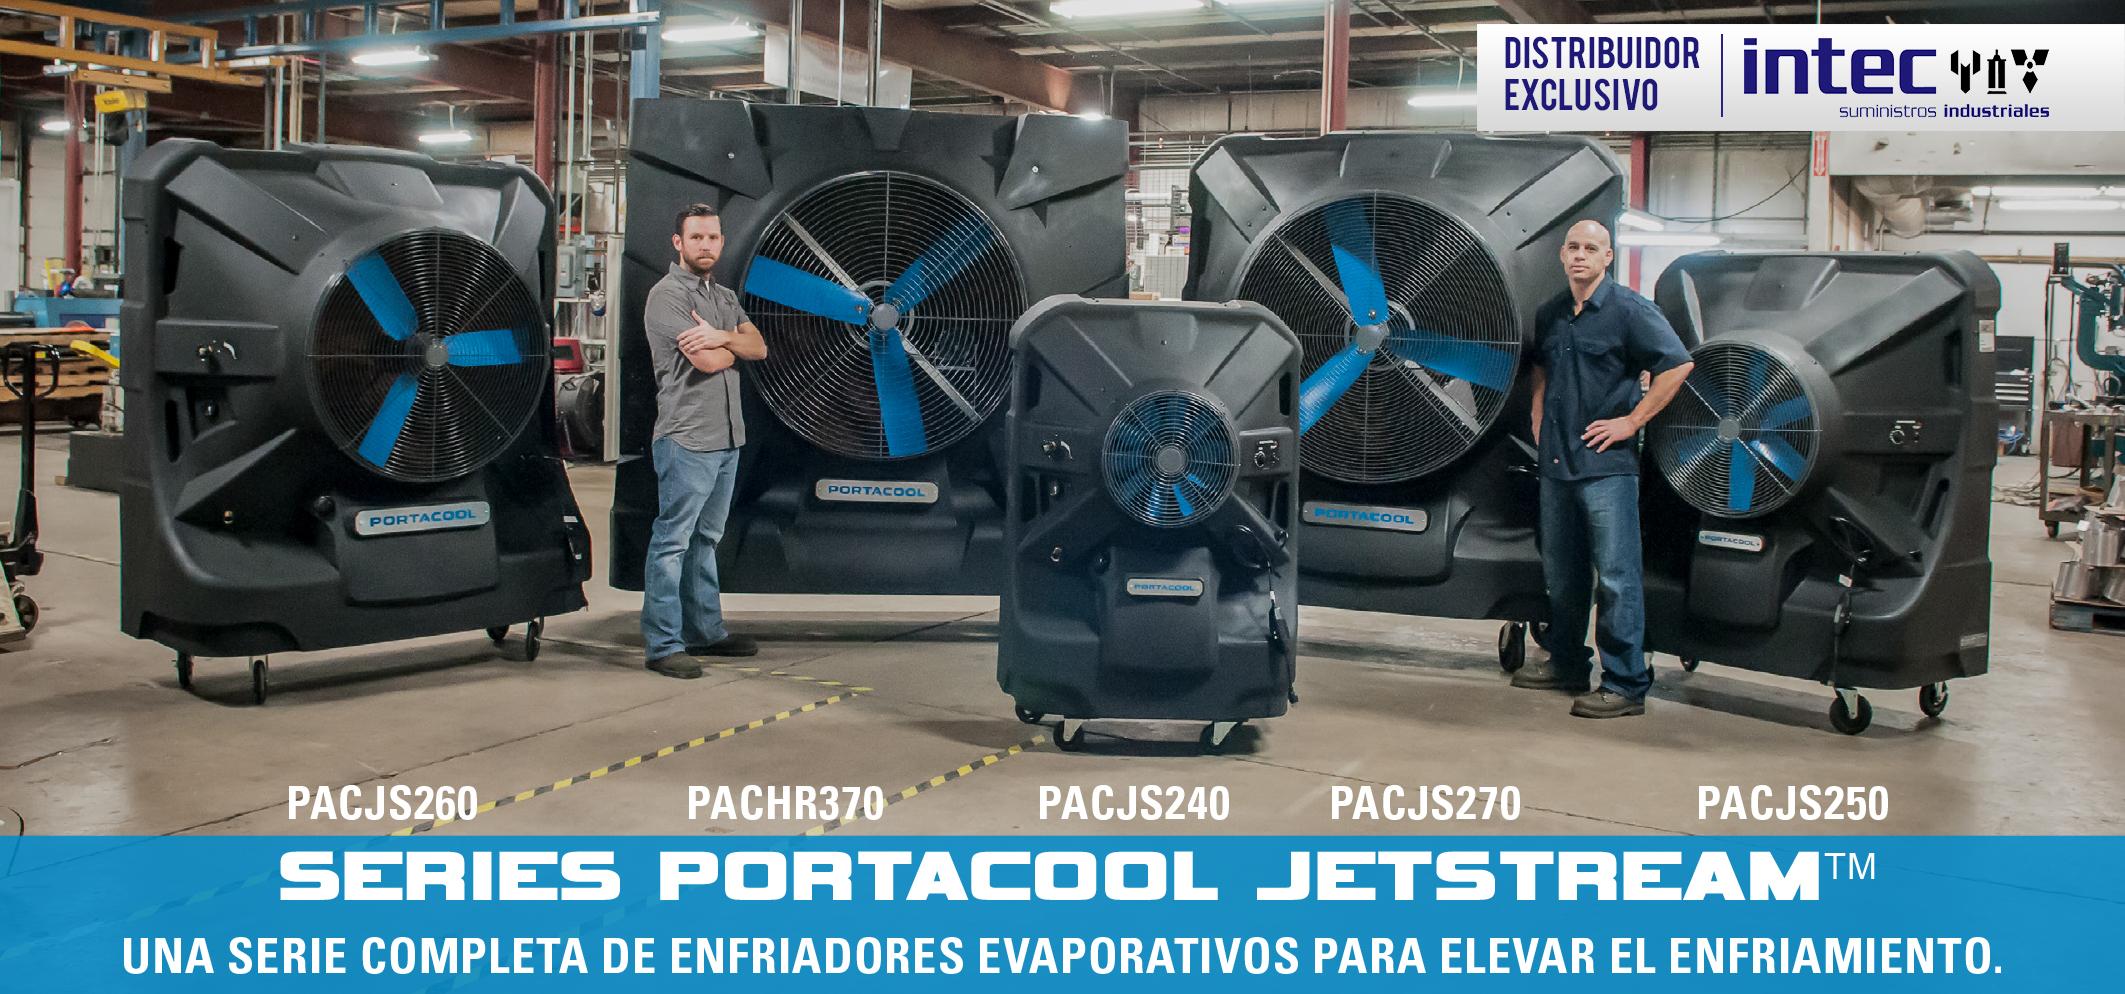 enfriadores evaporativos portacool jetstream